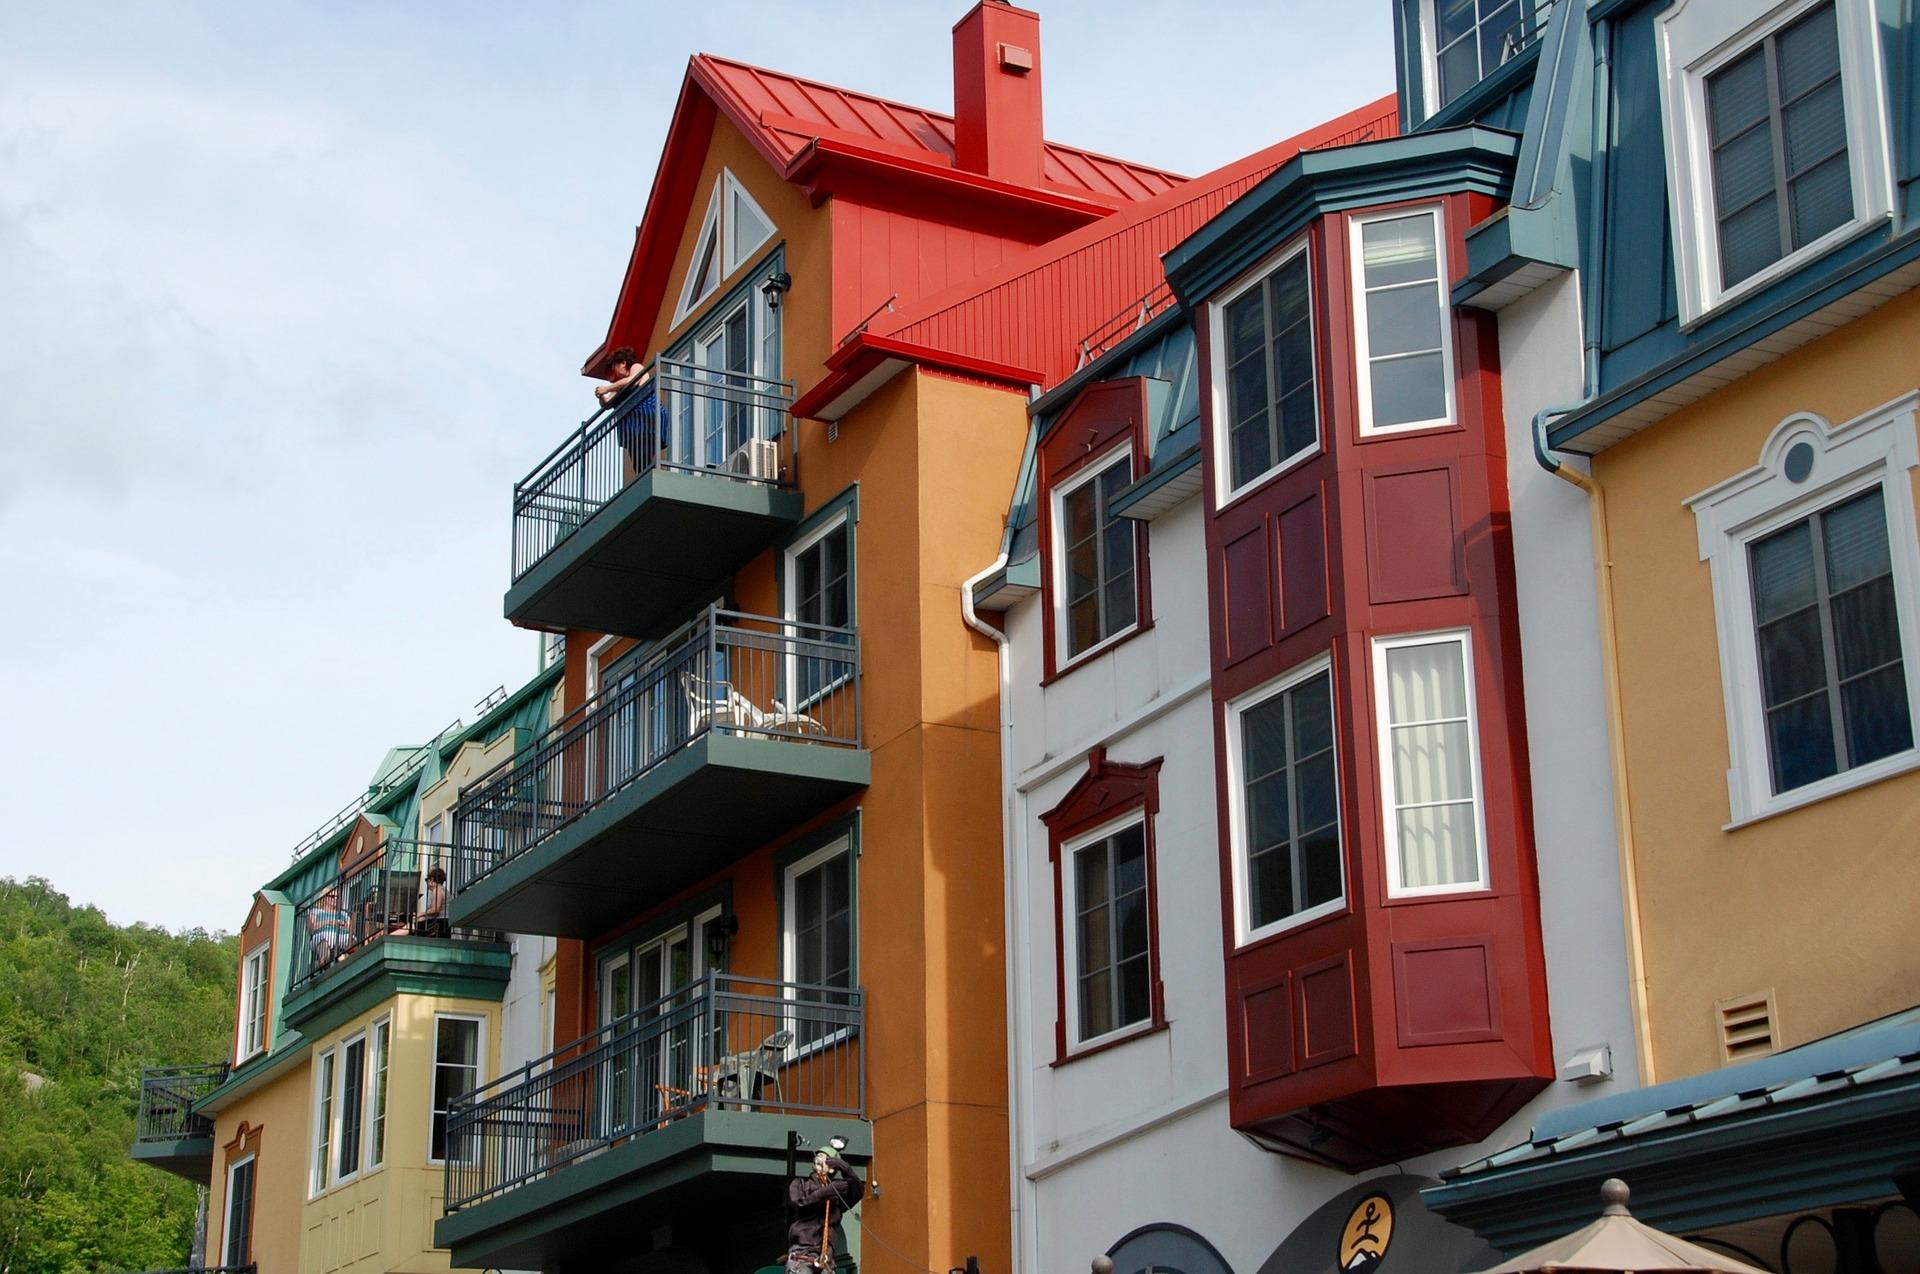 Wohnungsbörse in Salzgitter für öffentlich geförderte Sozialwohnungen und günstige Mietwohnungen